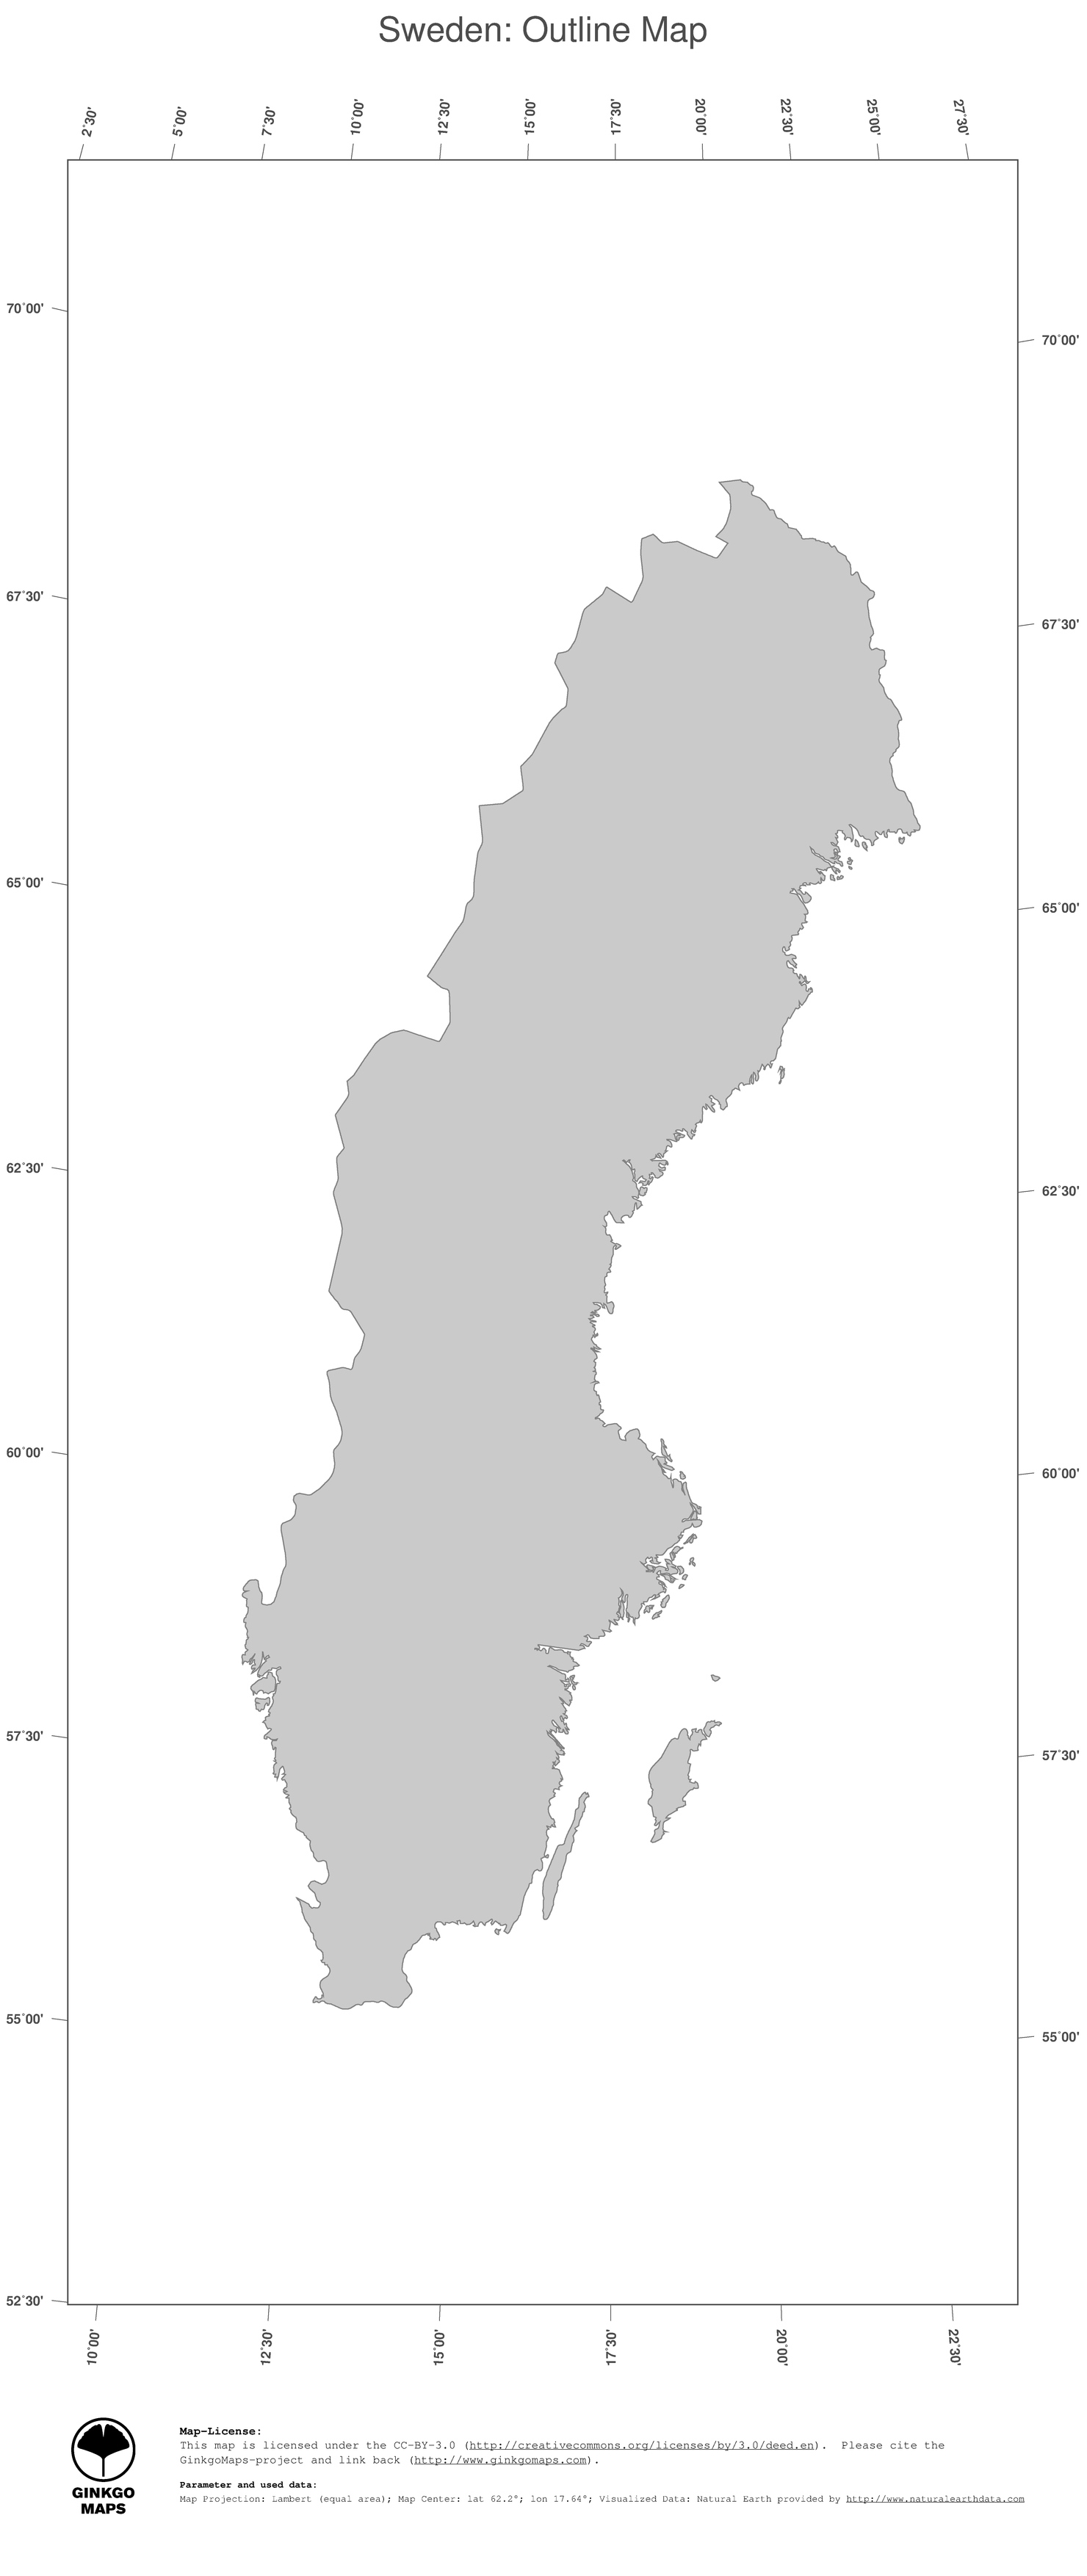 Map Sweden GinkgoMaps Continent Europe Region Sweden - Sweden map jpg